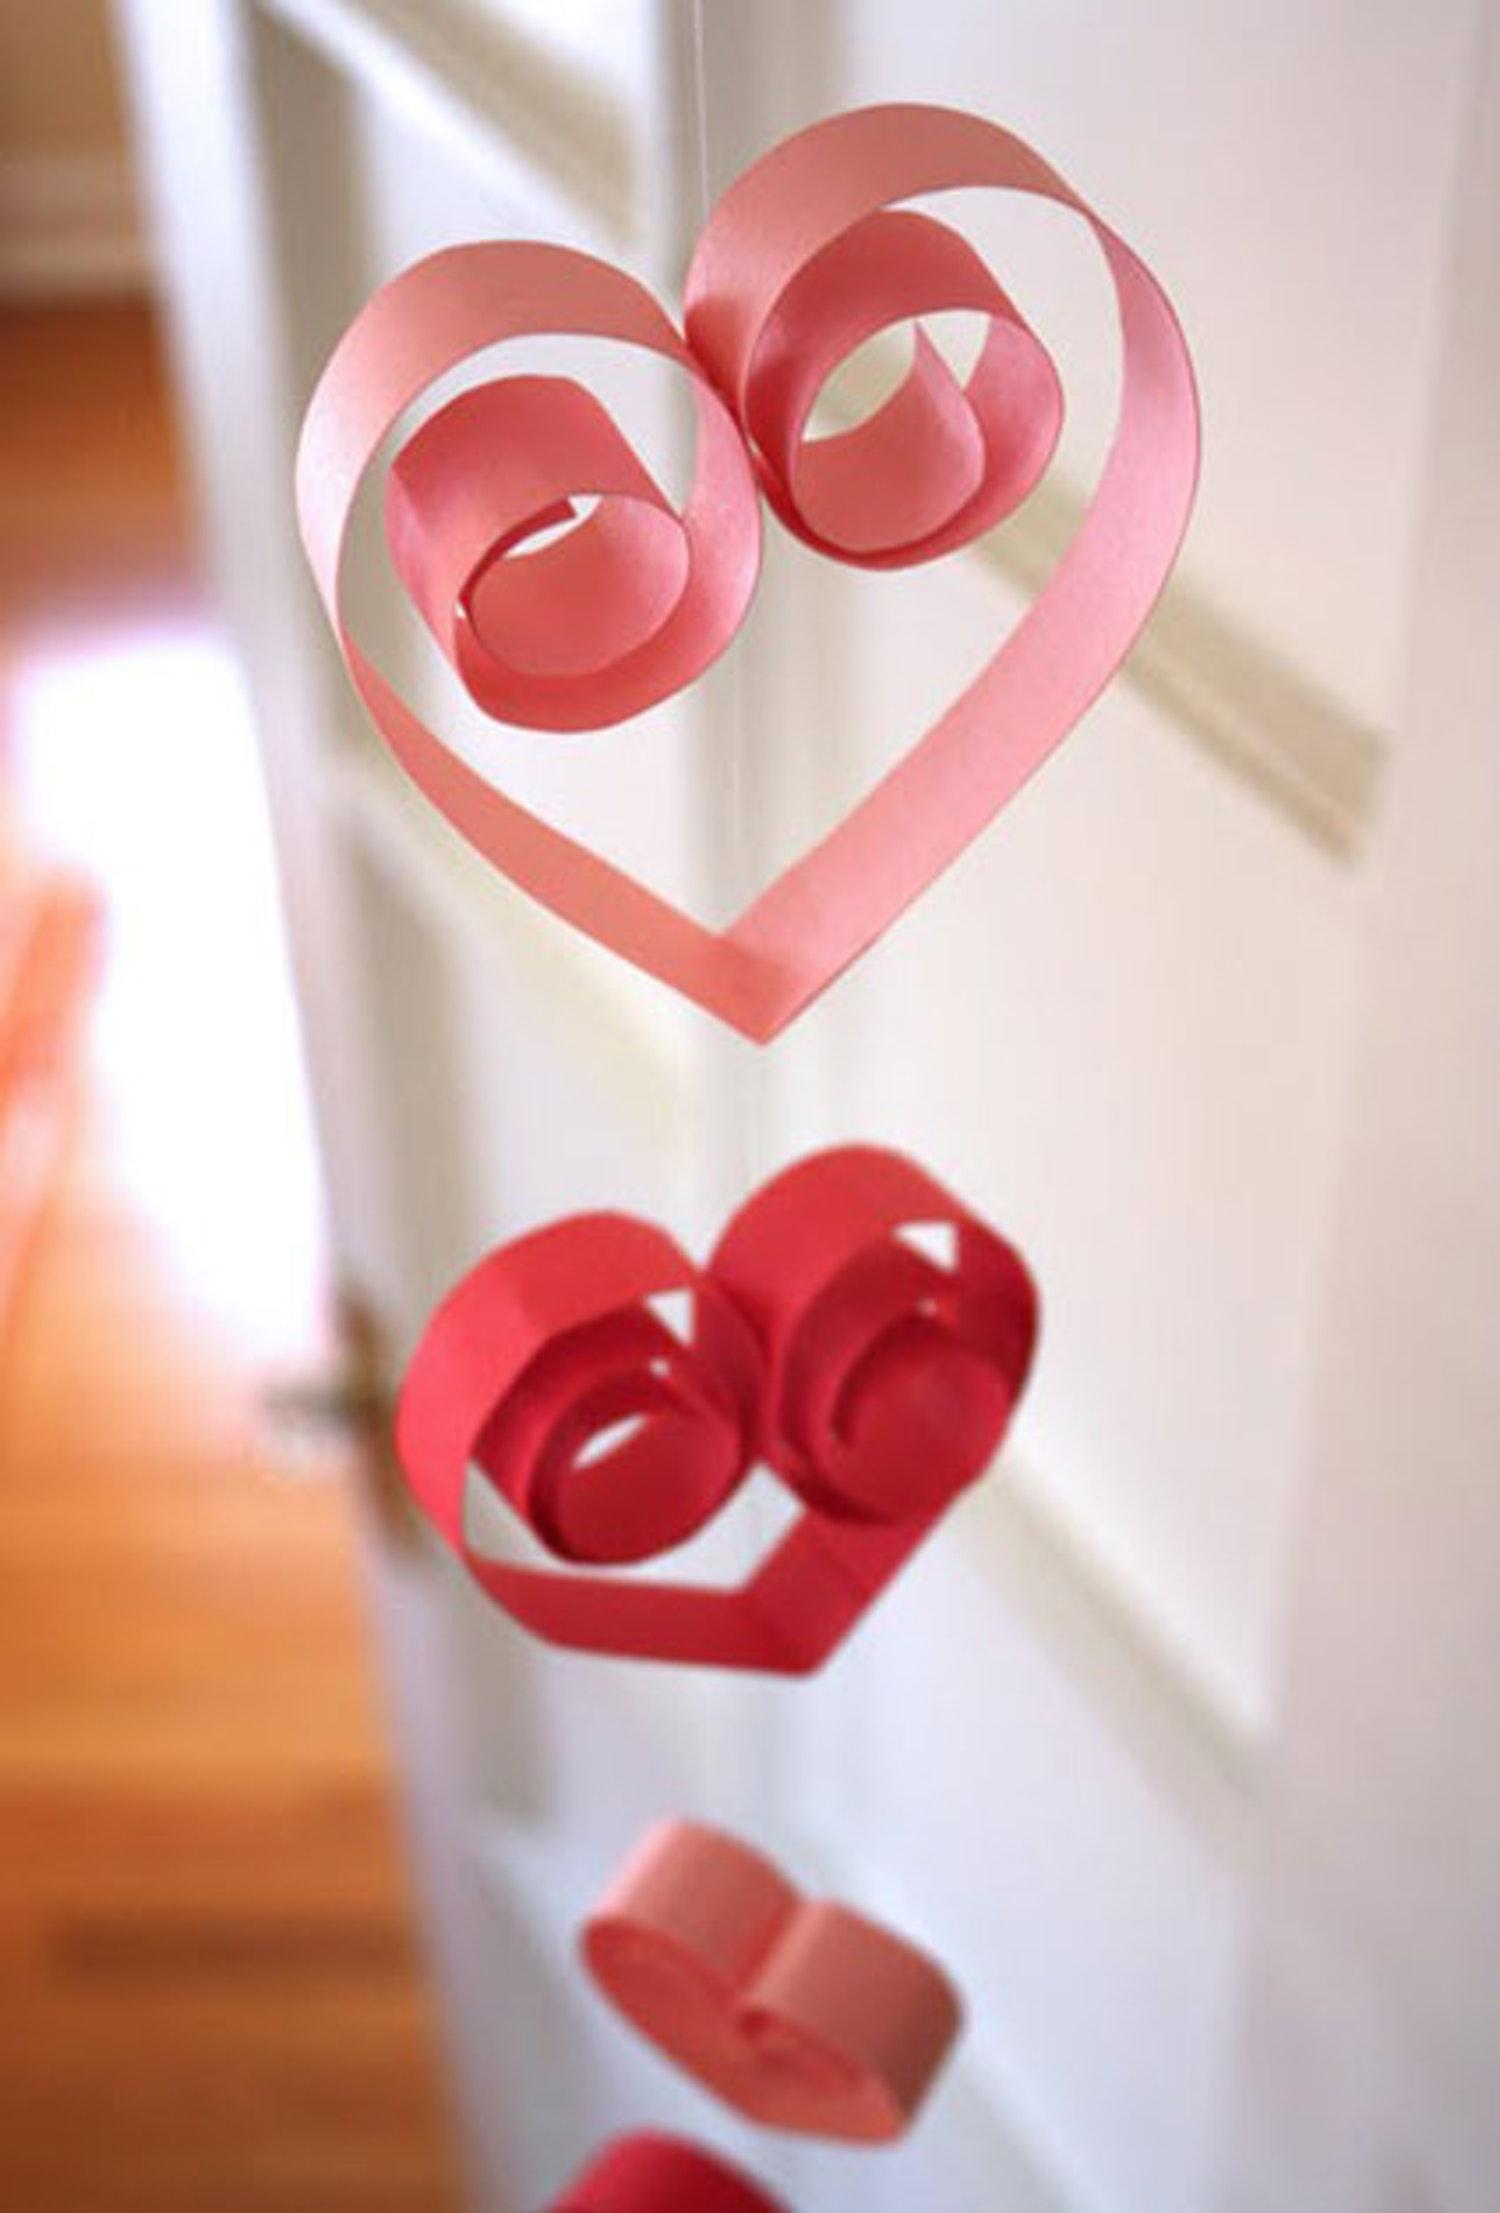 Оформление на 14 февраля сердечками в технике квиллинг